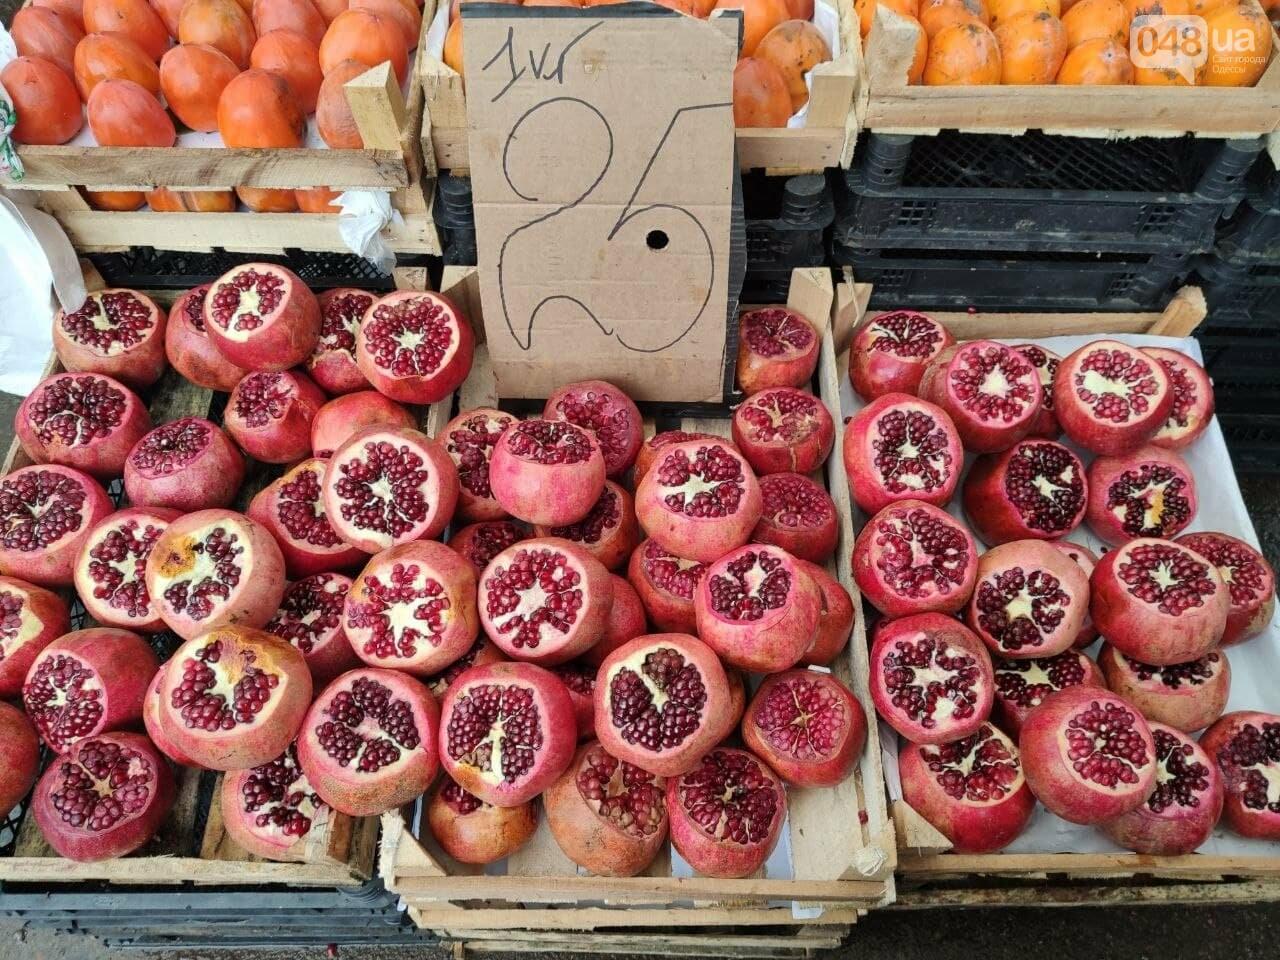 Огурцы, баклажаны, манго: почем на одесском Привозе фрукты и овощи, - ФОТО, фото-2